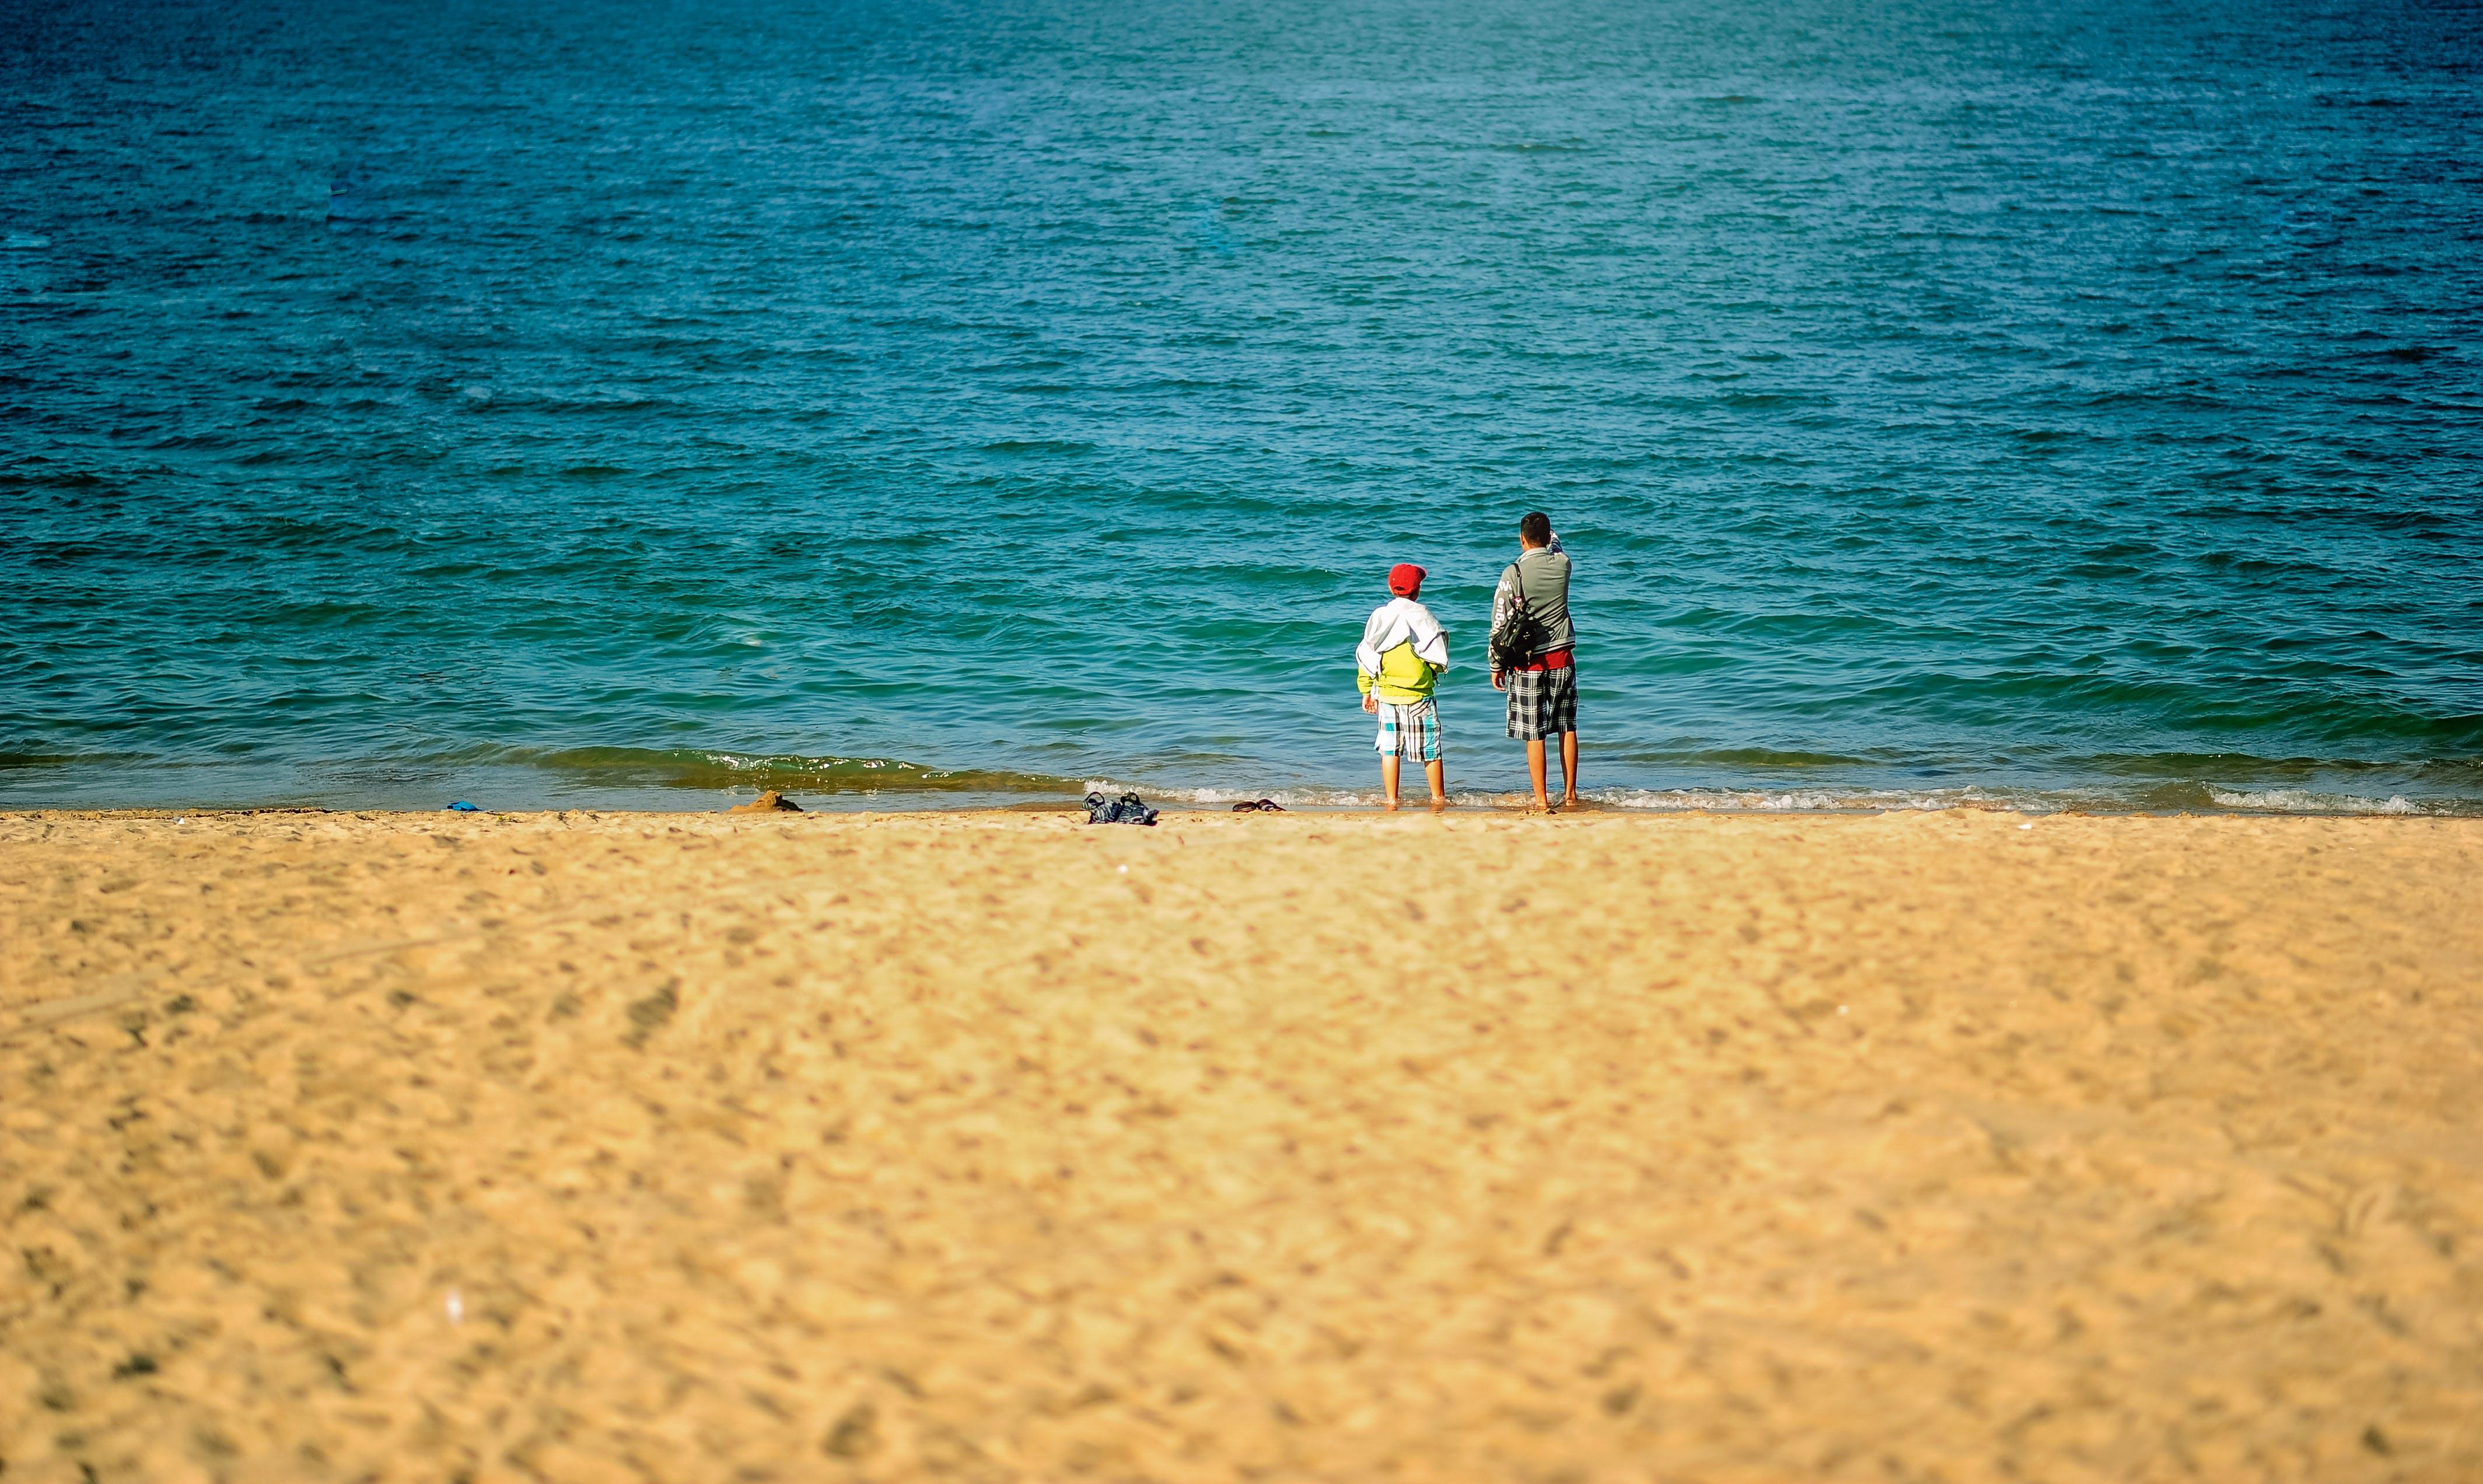 คลังภาพถ่ายฟรี ของ การพักผ่อนหย่อนใจ, คลื่น, ชายทะเล, ชายหาด